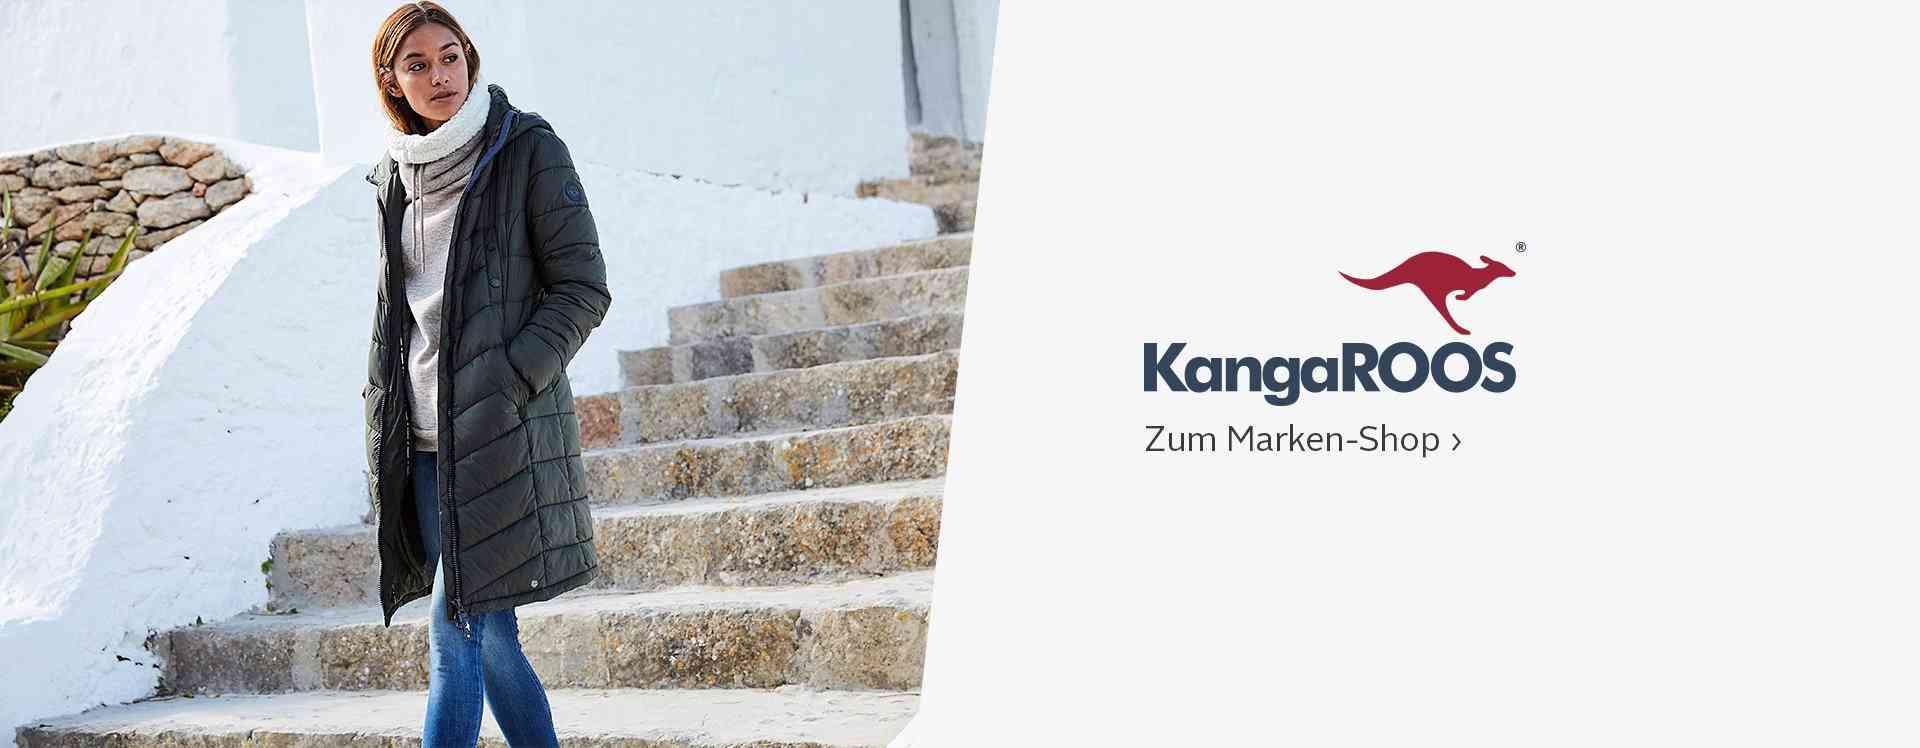 Der KangaROOS Markenshop - sportlich und lässige Mode im jungen Design!